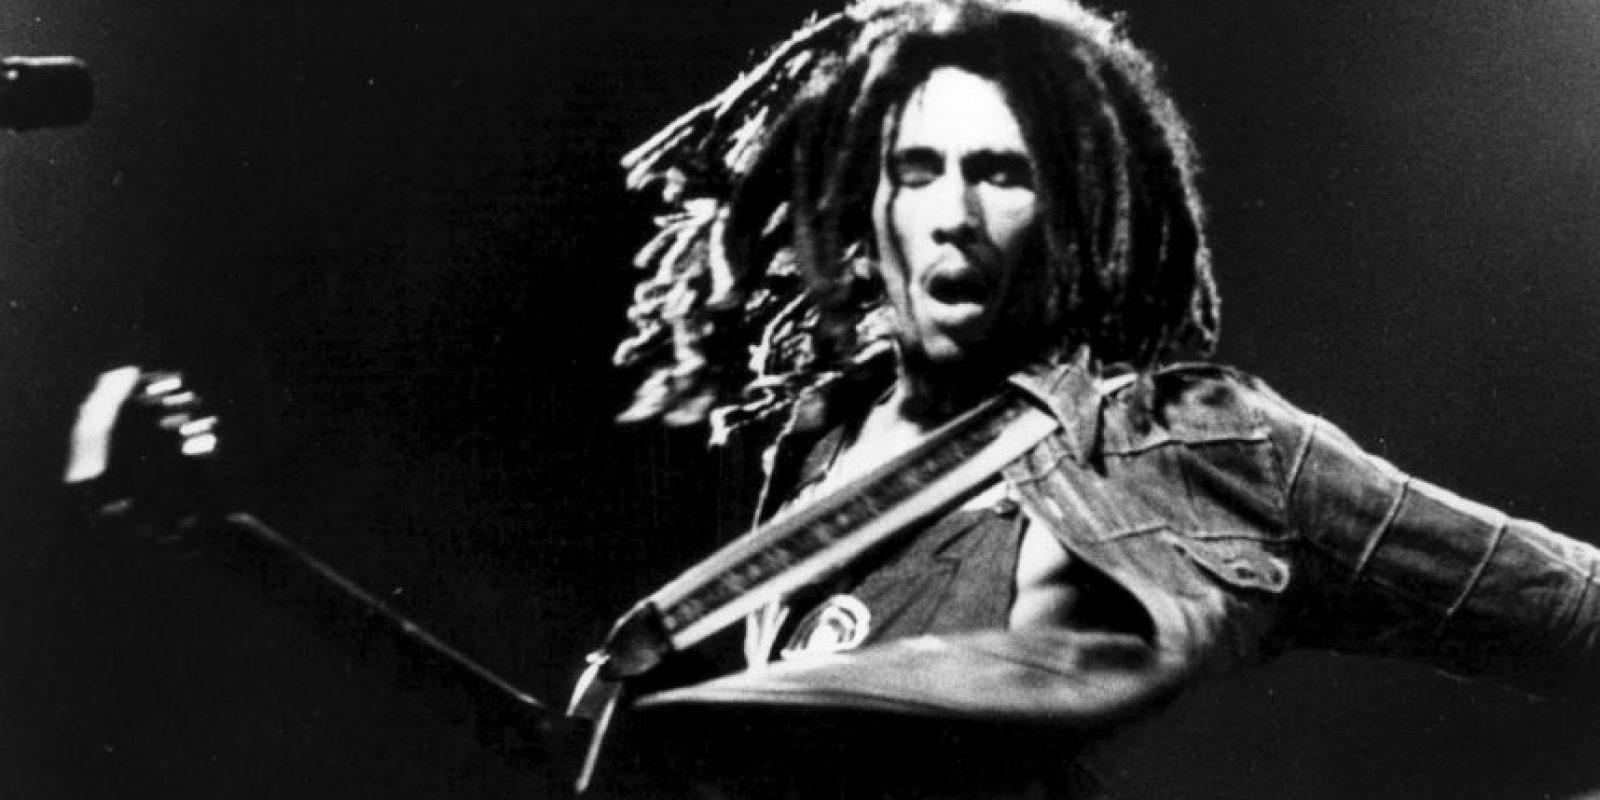 Bob Marley nació el 6 de febrero de 1945 Foto:Getty Images